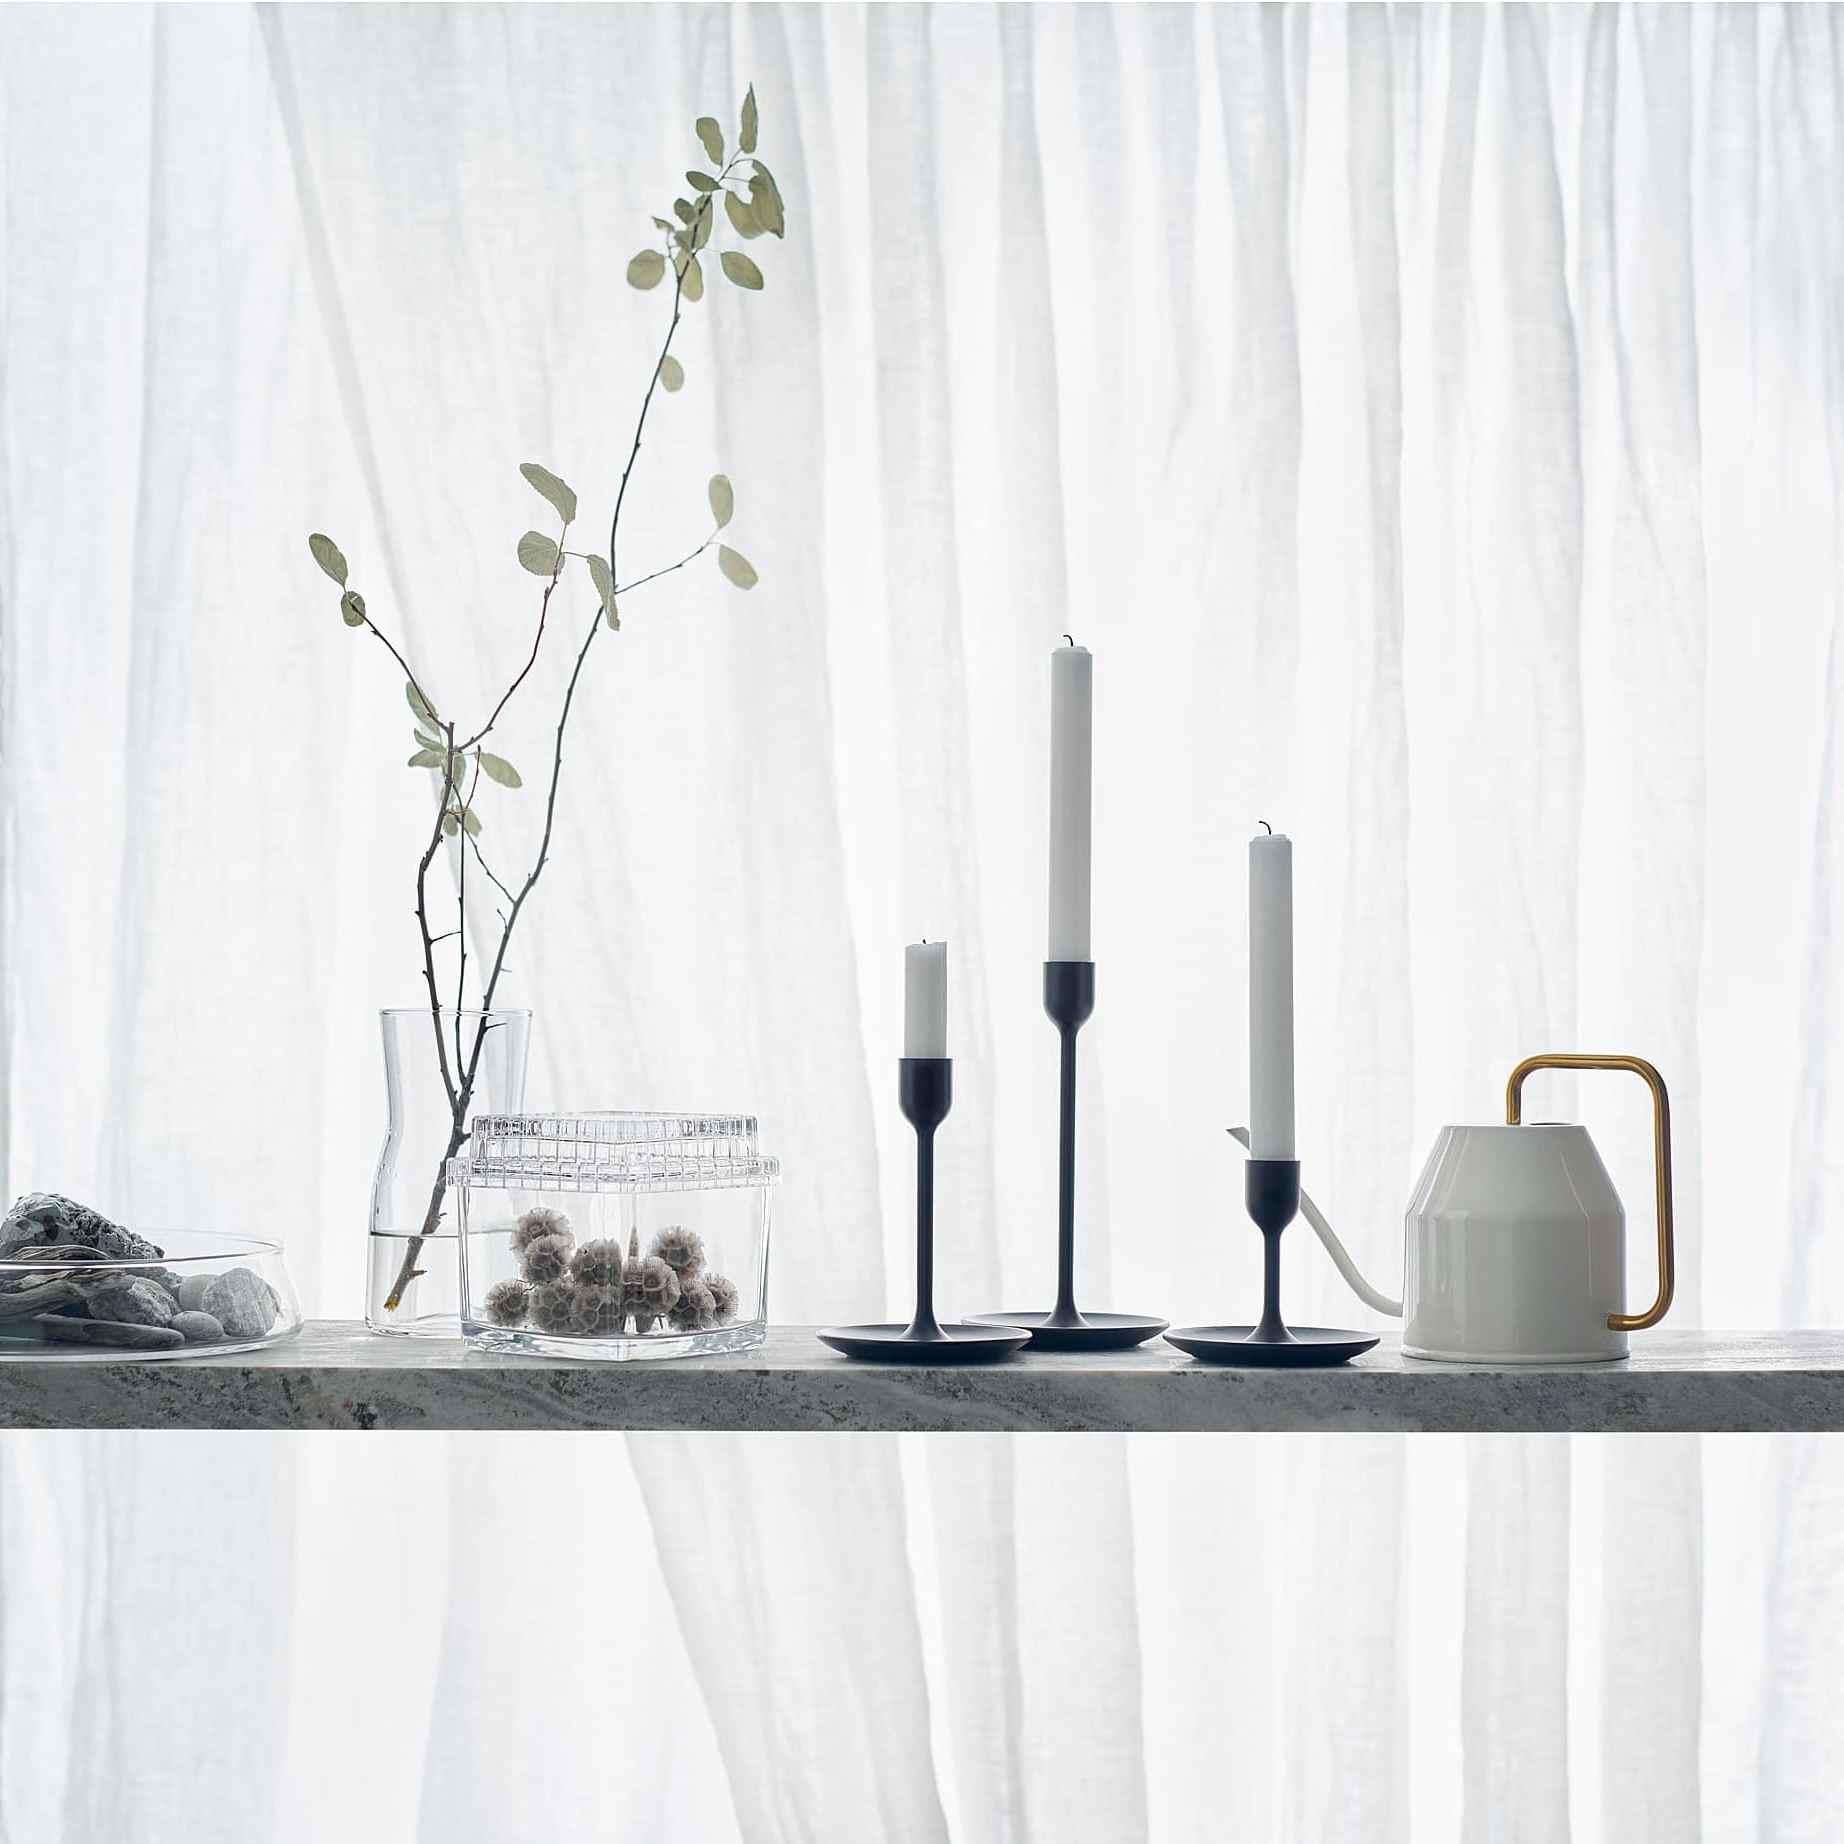 Ikea Fulltalig Le Living